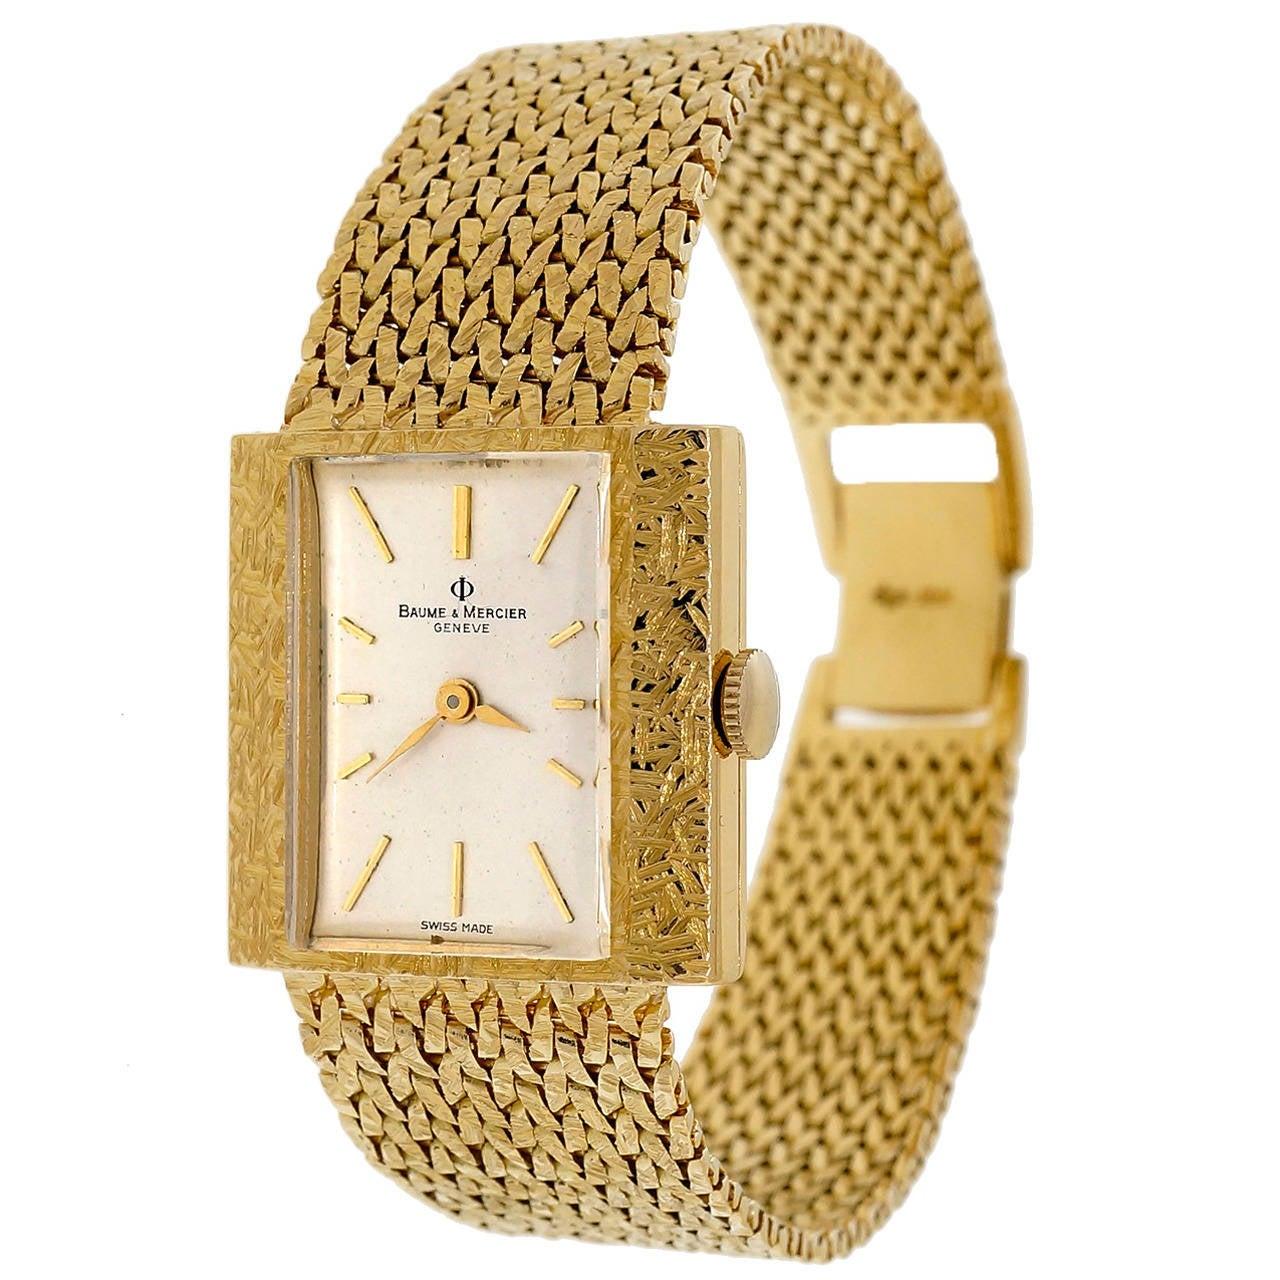 Baume & Mercier Lady's Yellow Gold Mesh Wristwatch